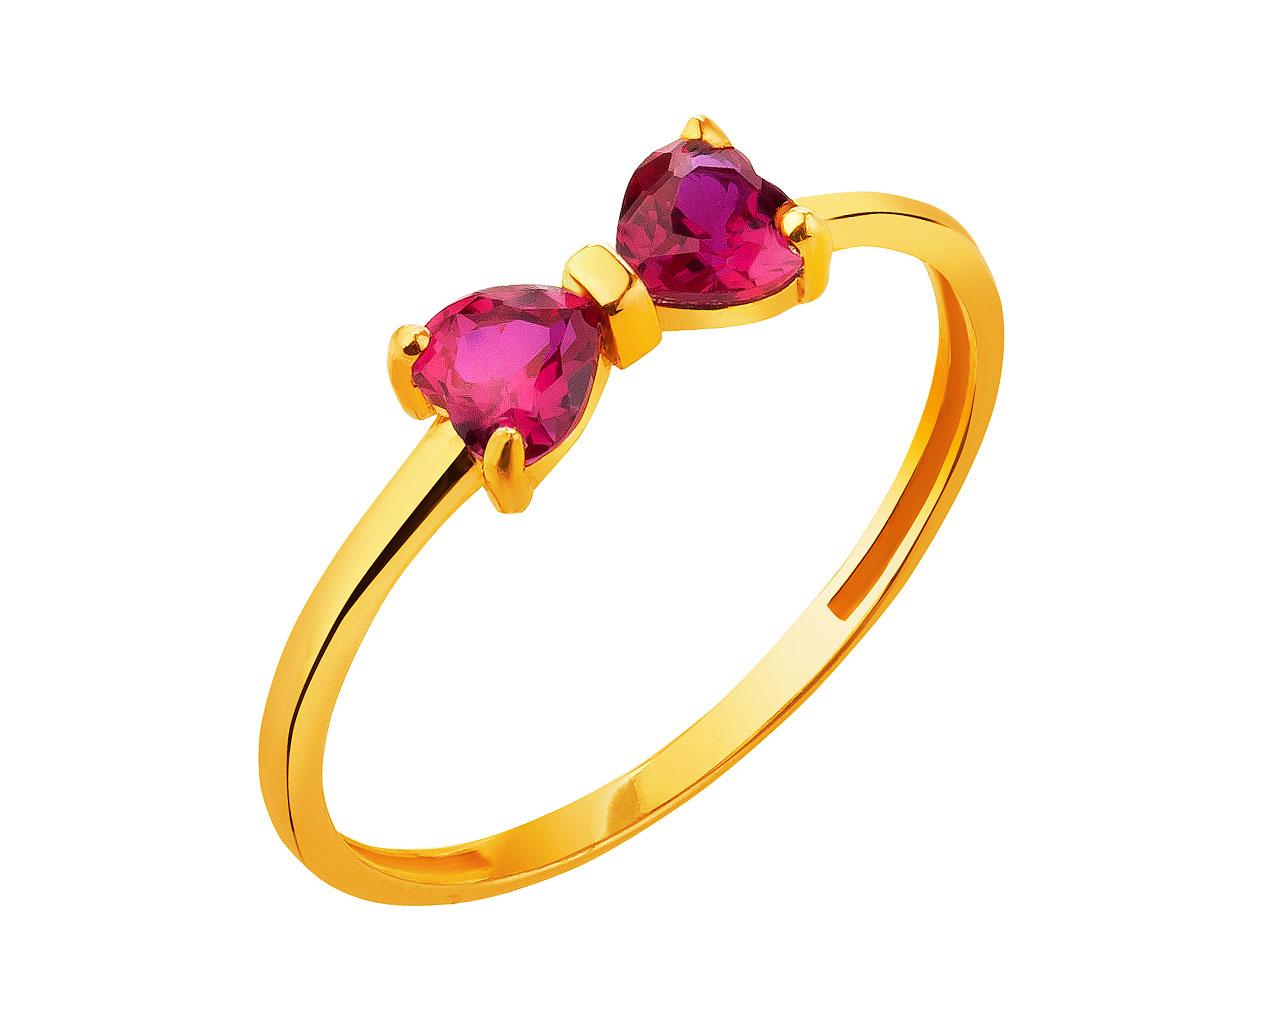 cc63025ea6d00d Złoty pierścionek - wzór AP127-9179 / Apart